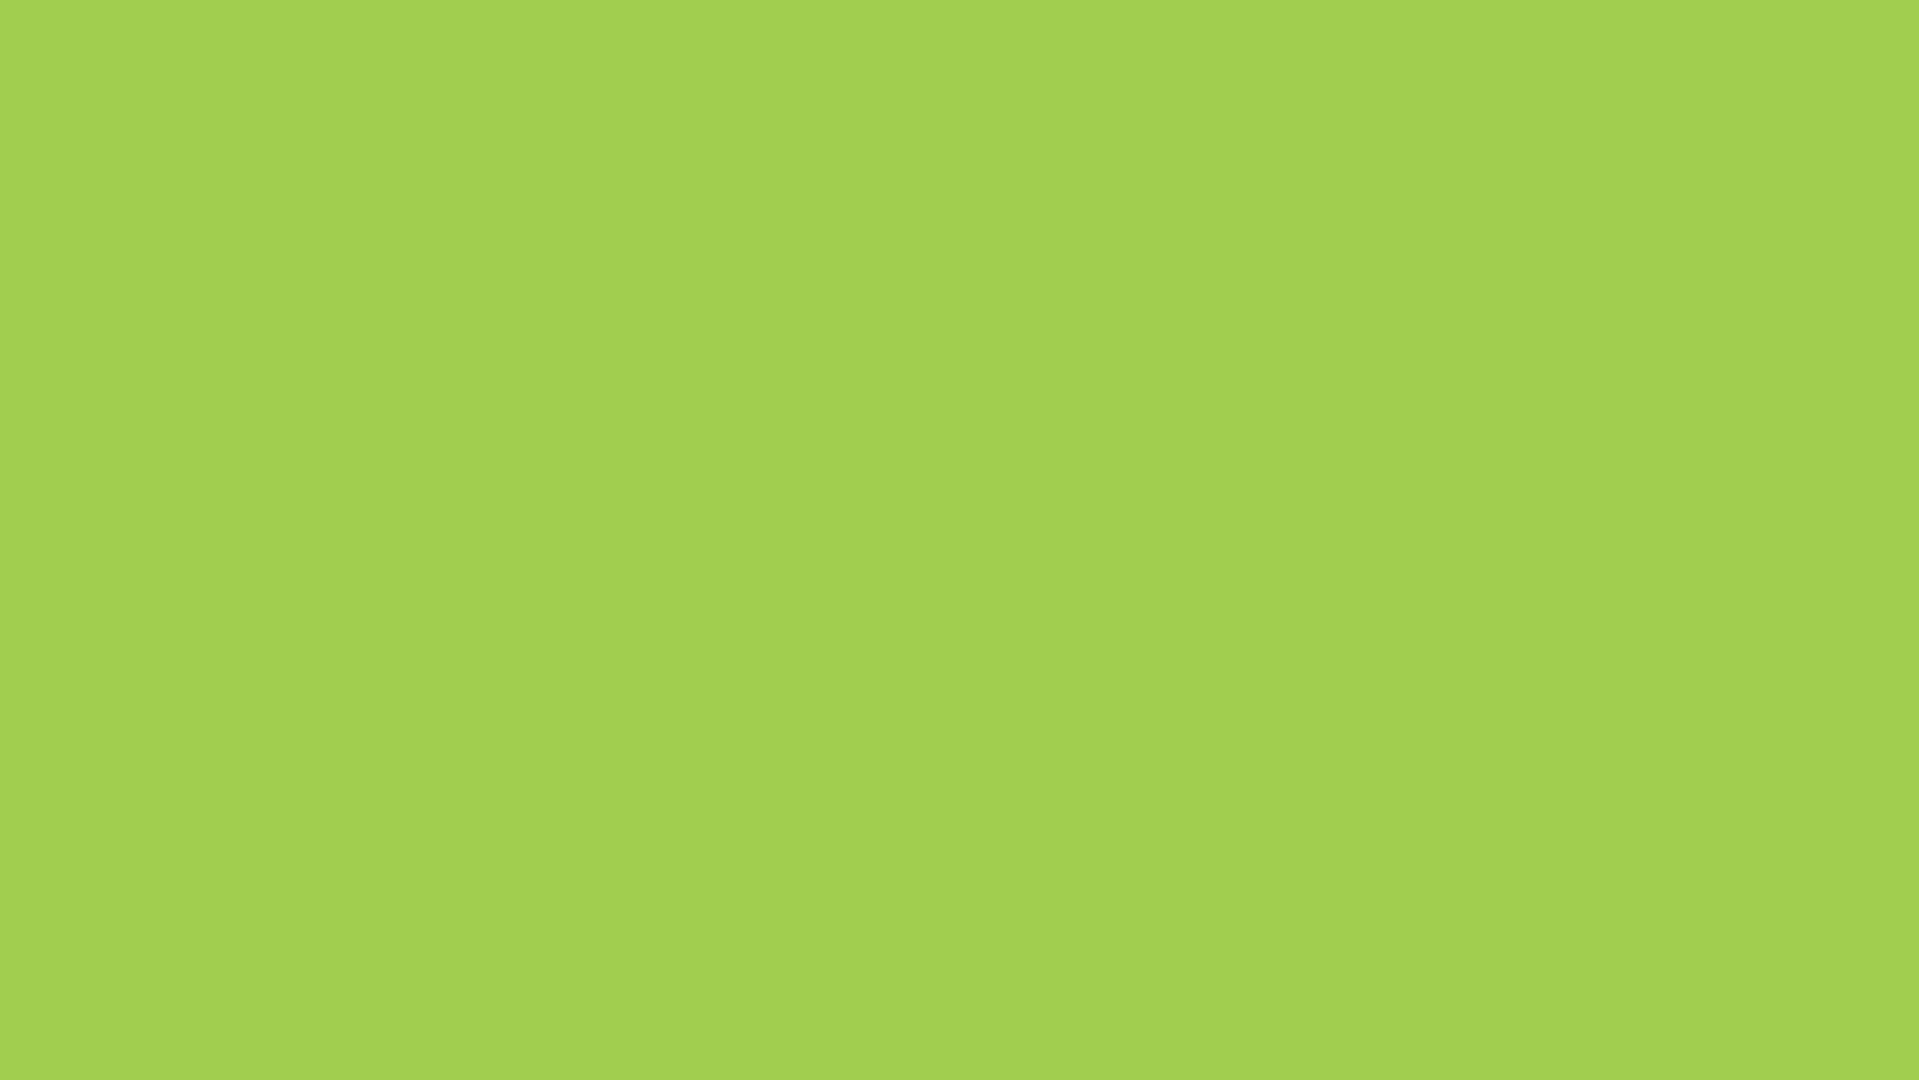 Bkg_Green